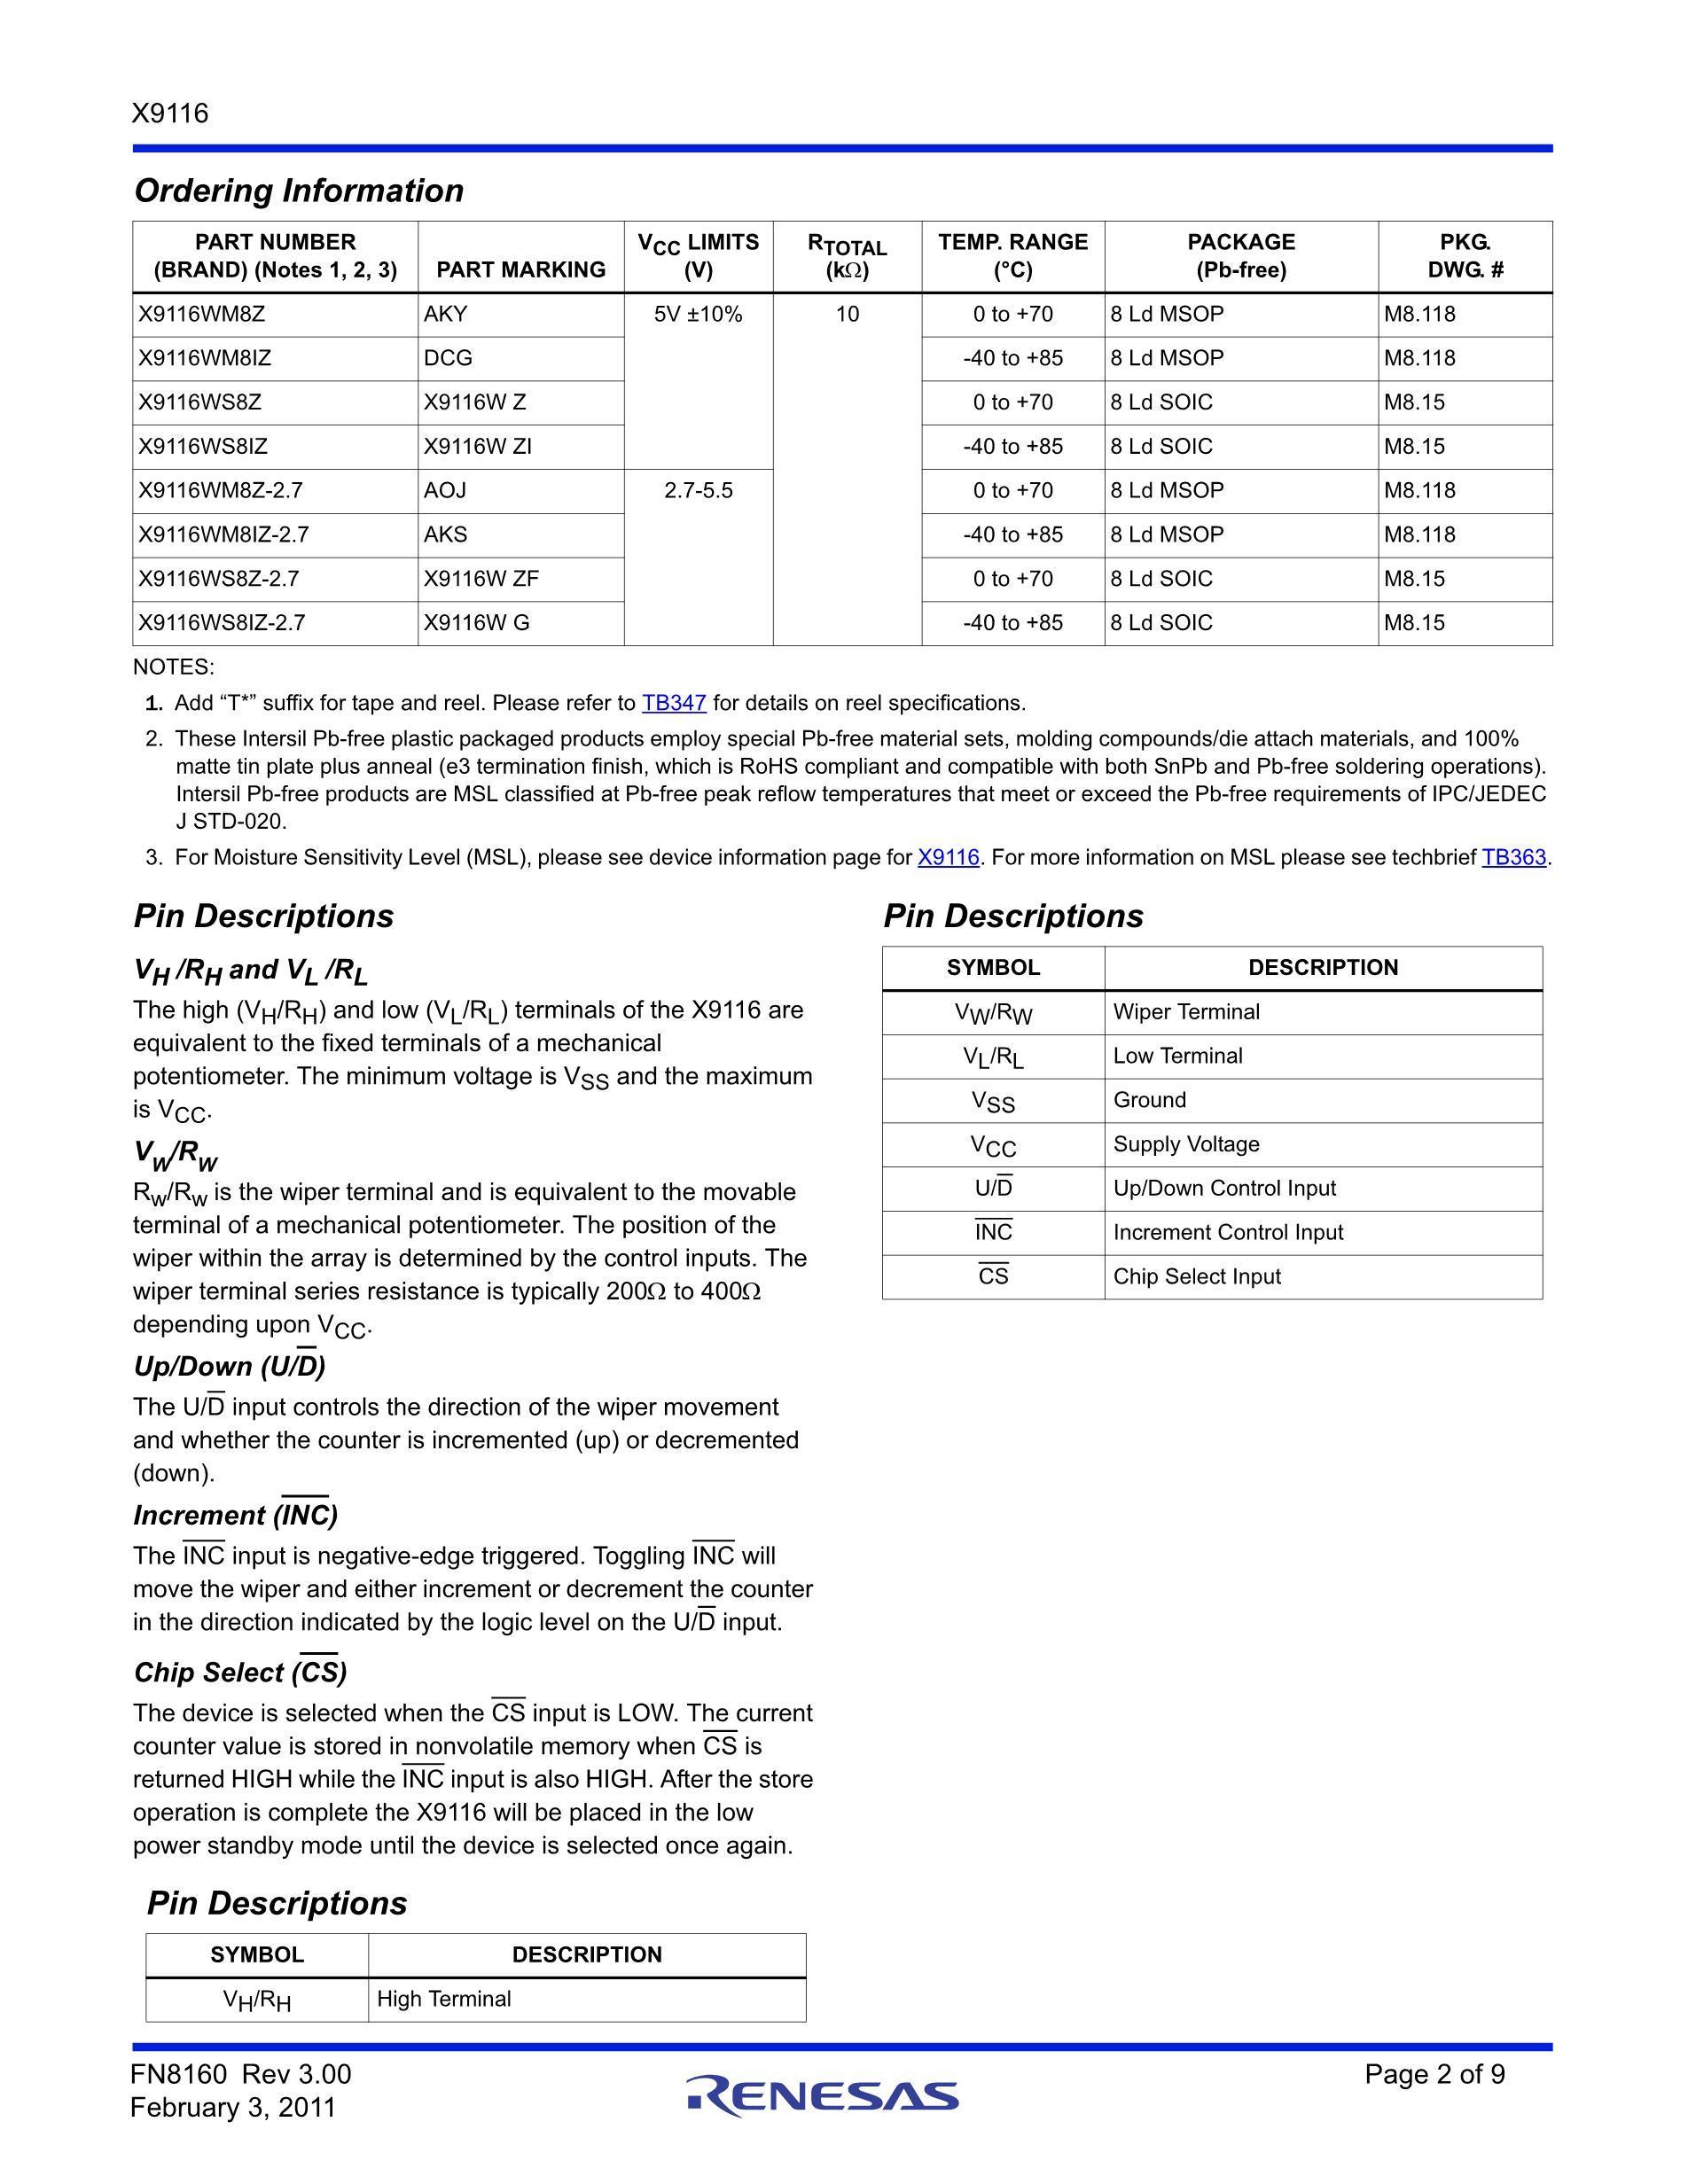 X9119TV14IZ's pdf picture 2